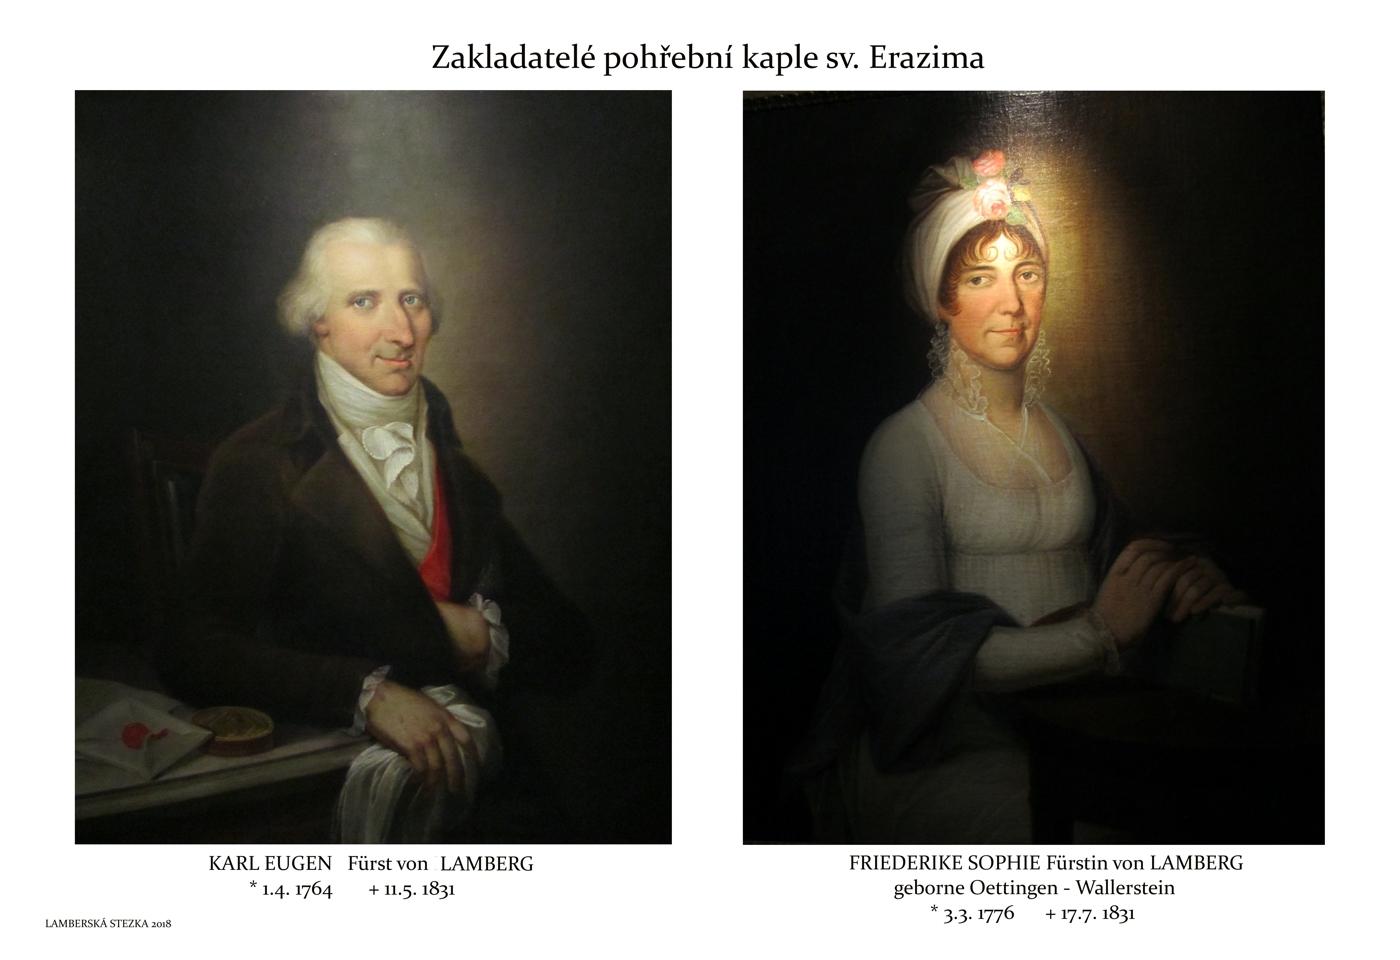 Obrazy zakladatelů kaple